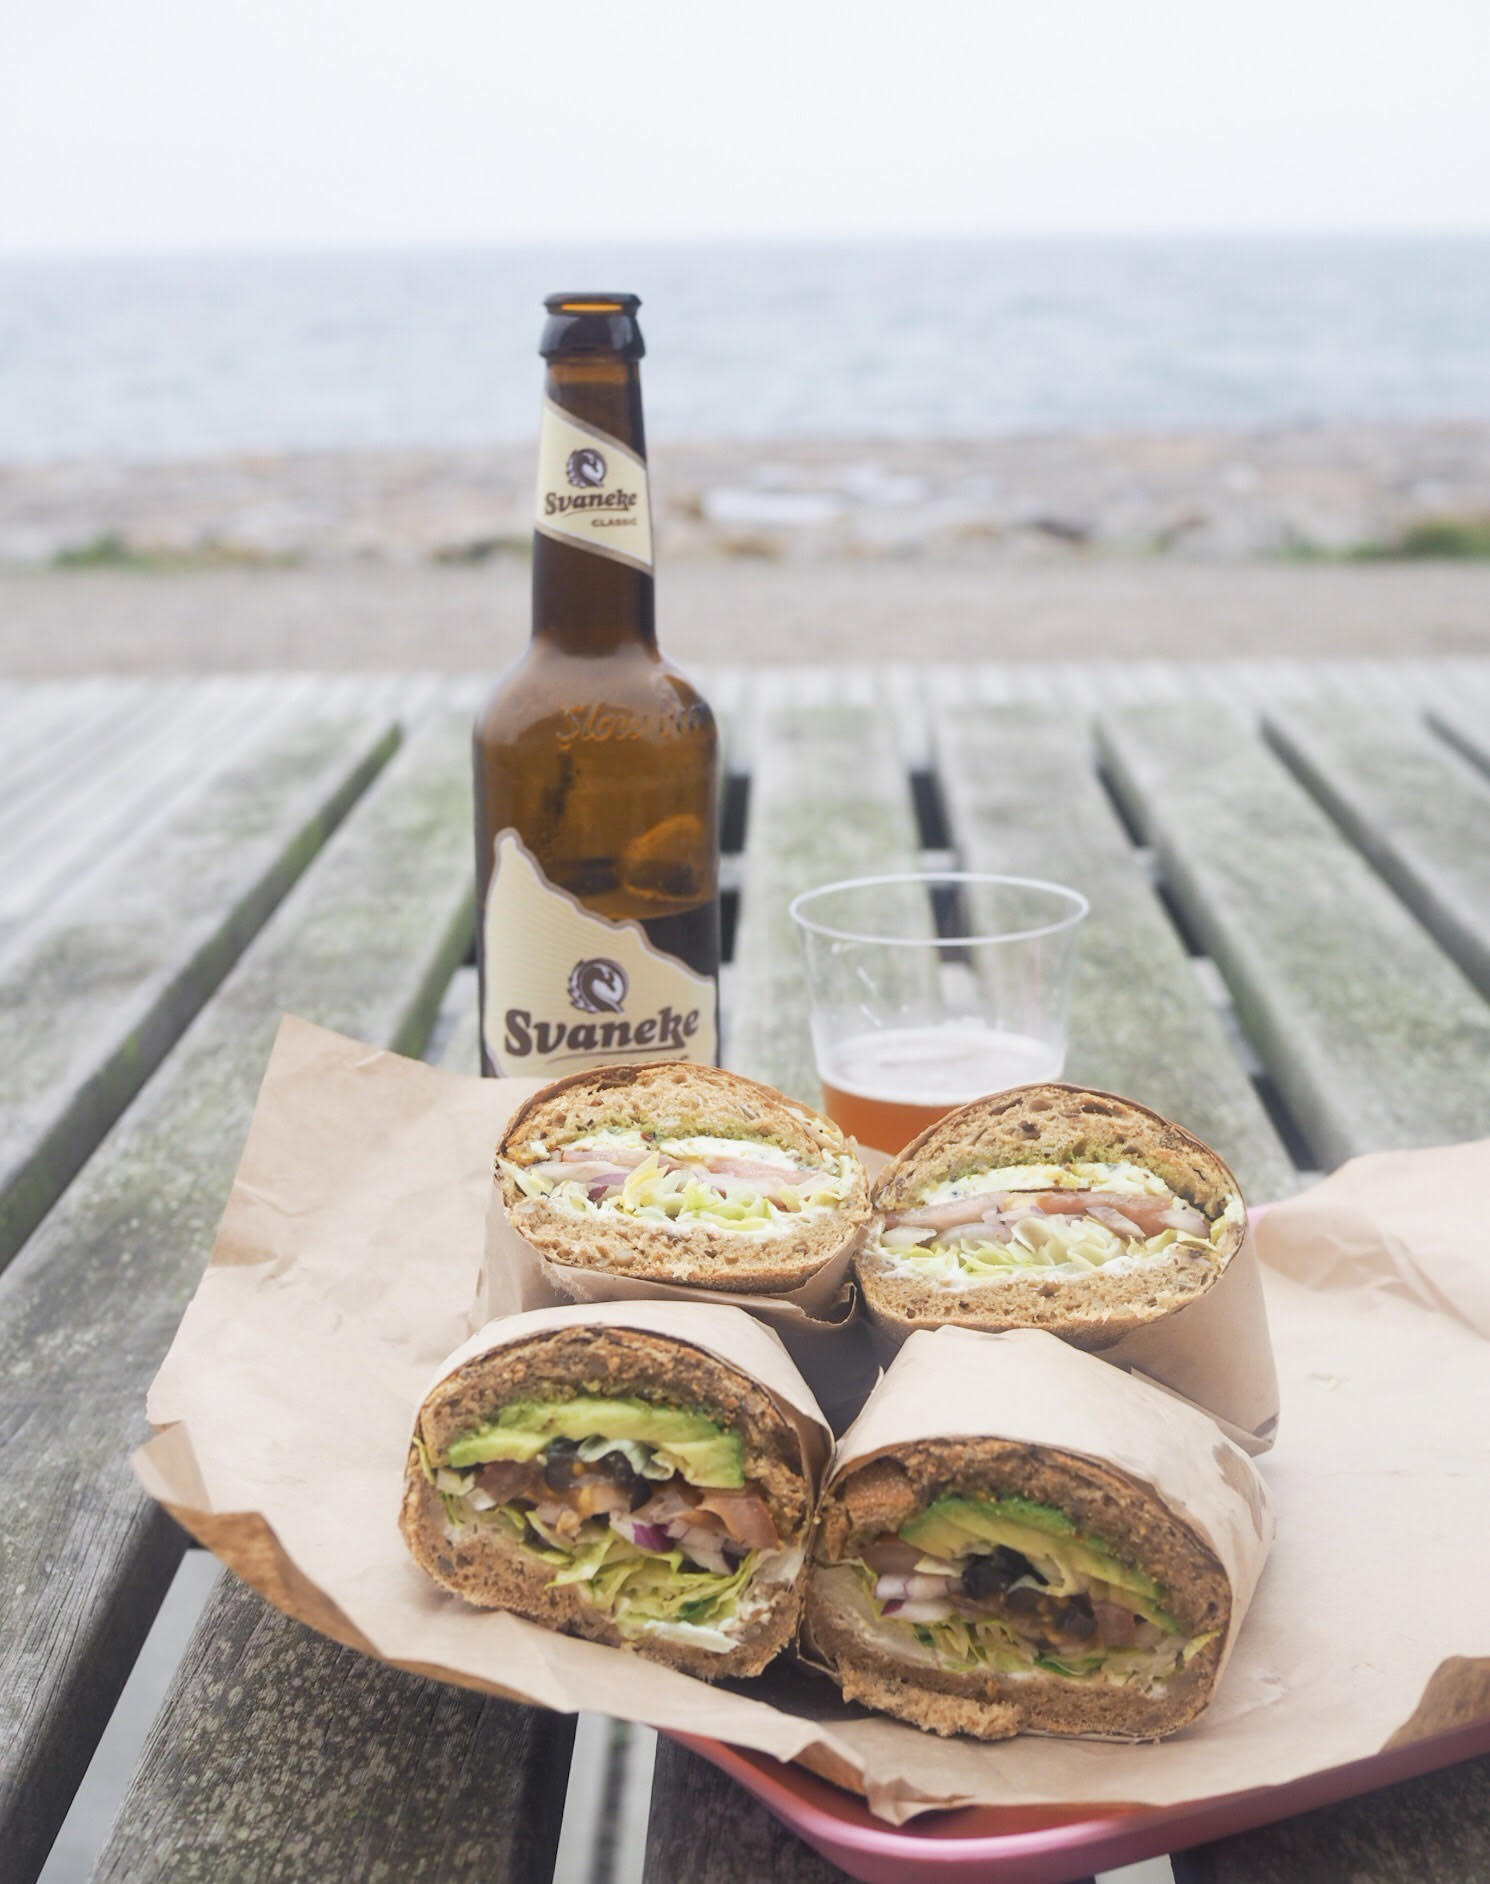 Bornholmsk bedste sandwich fra Marie sandwich? Pause på vandreturen ved Hammerhavnen